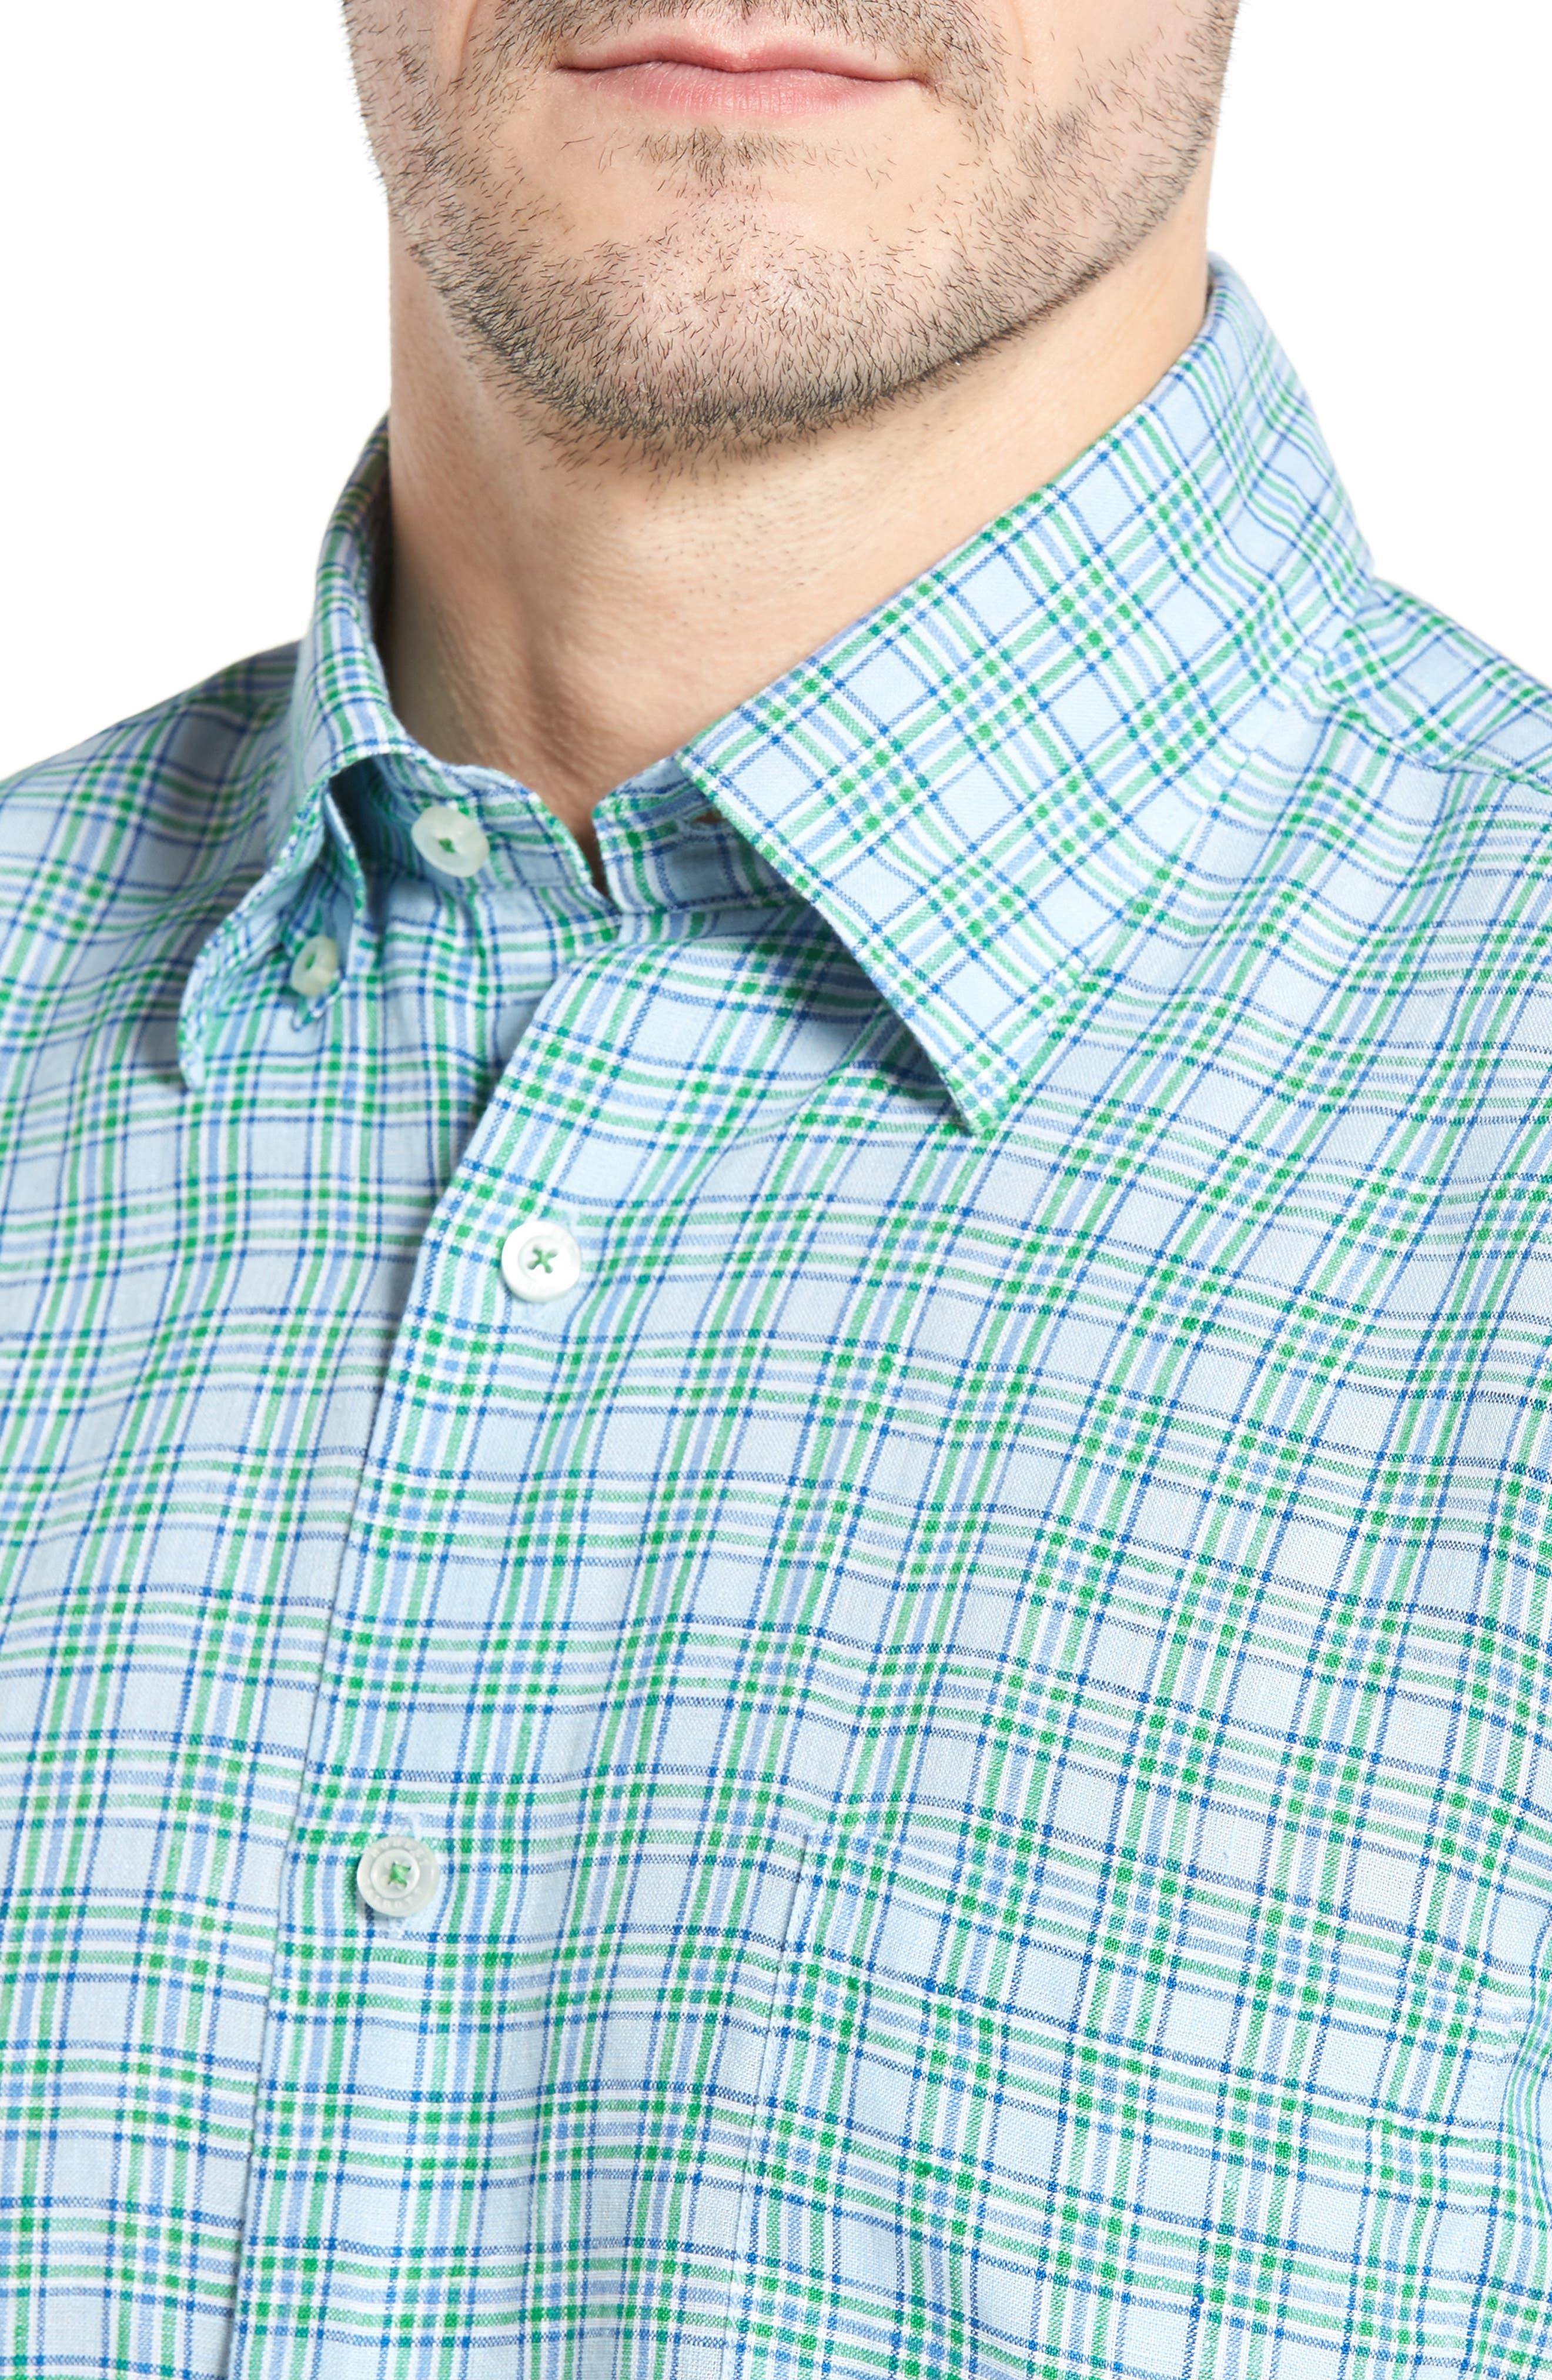 Anderson Classic Fit Sport Shirt,                             Alternate thumbnail 4, color,                             Aqua